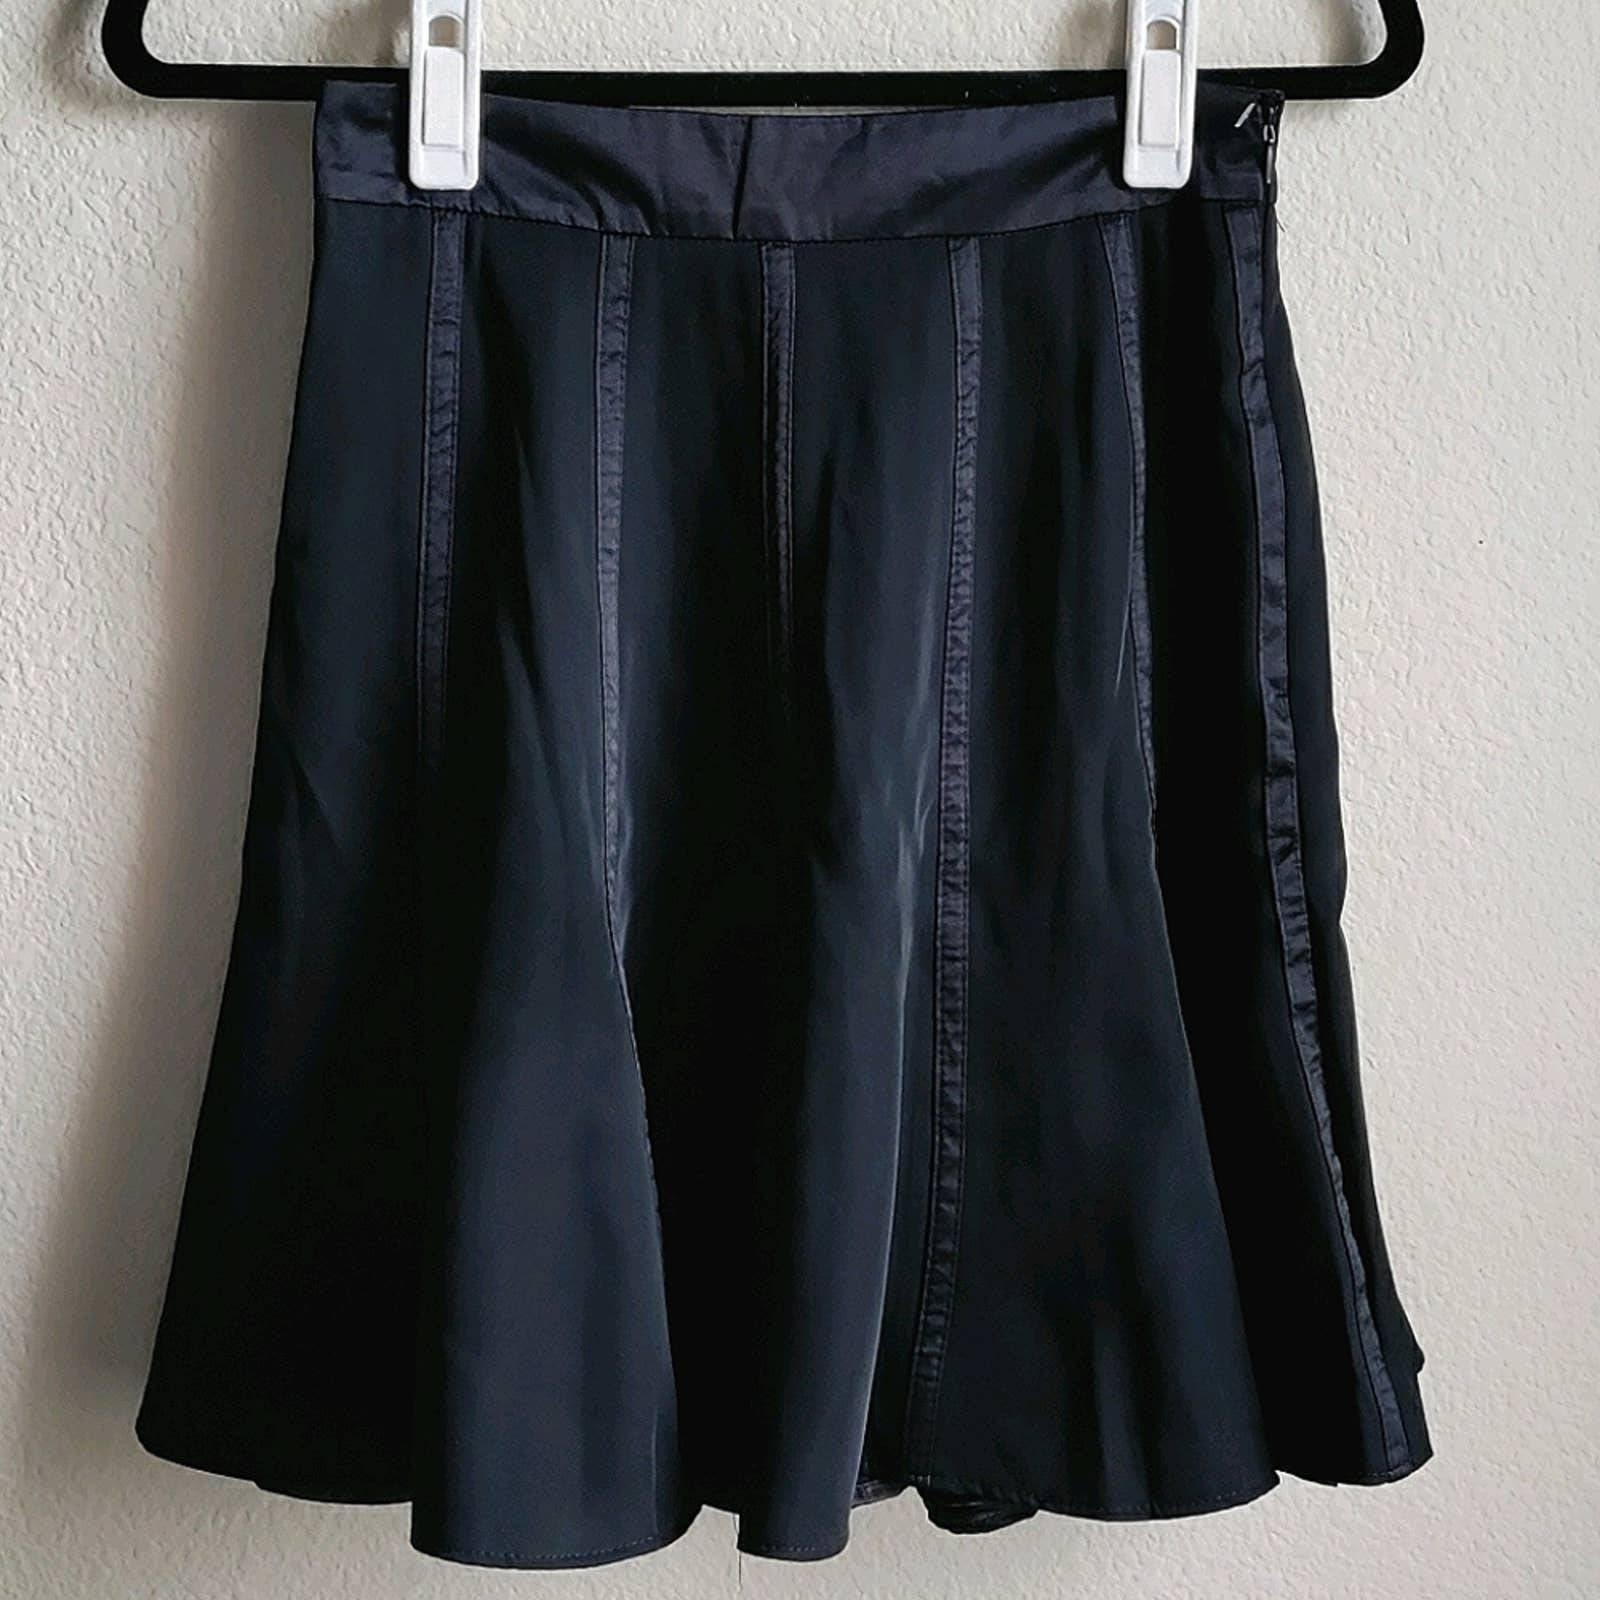 Forever 21 Black Knee Length Skirt